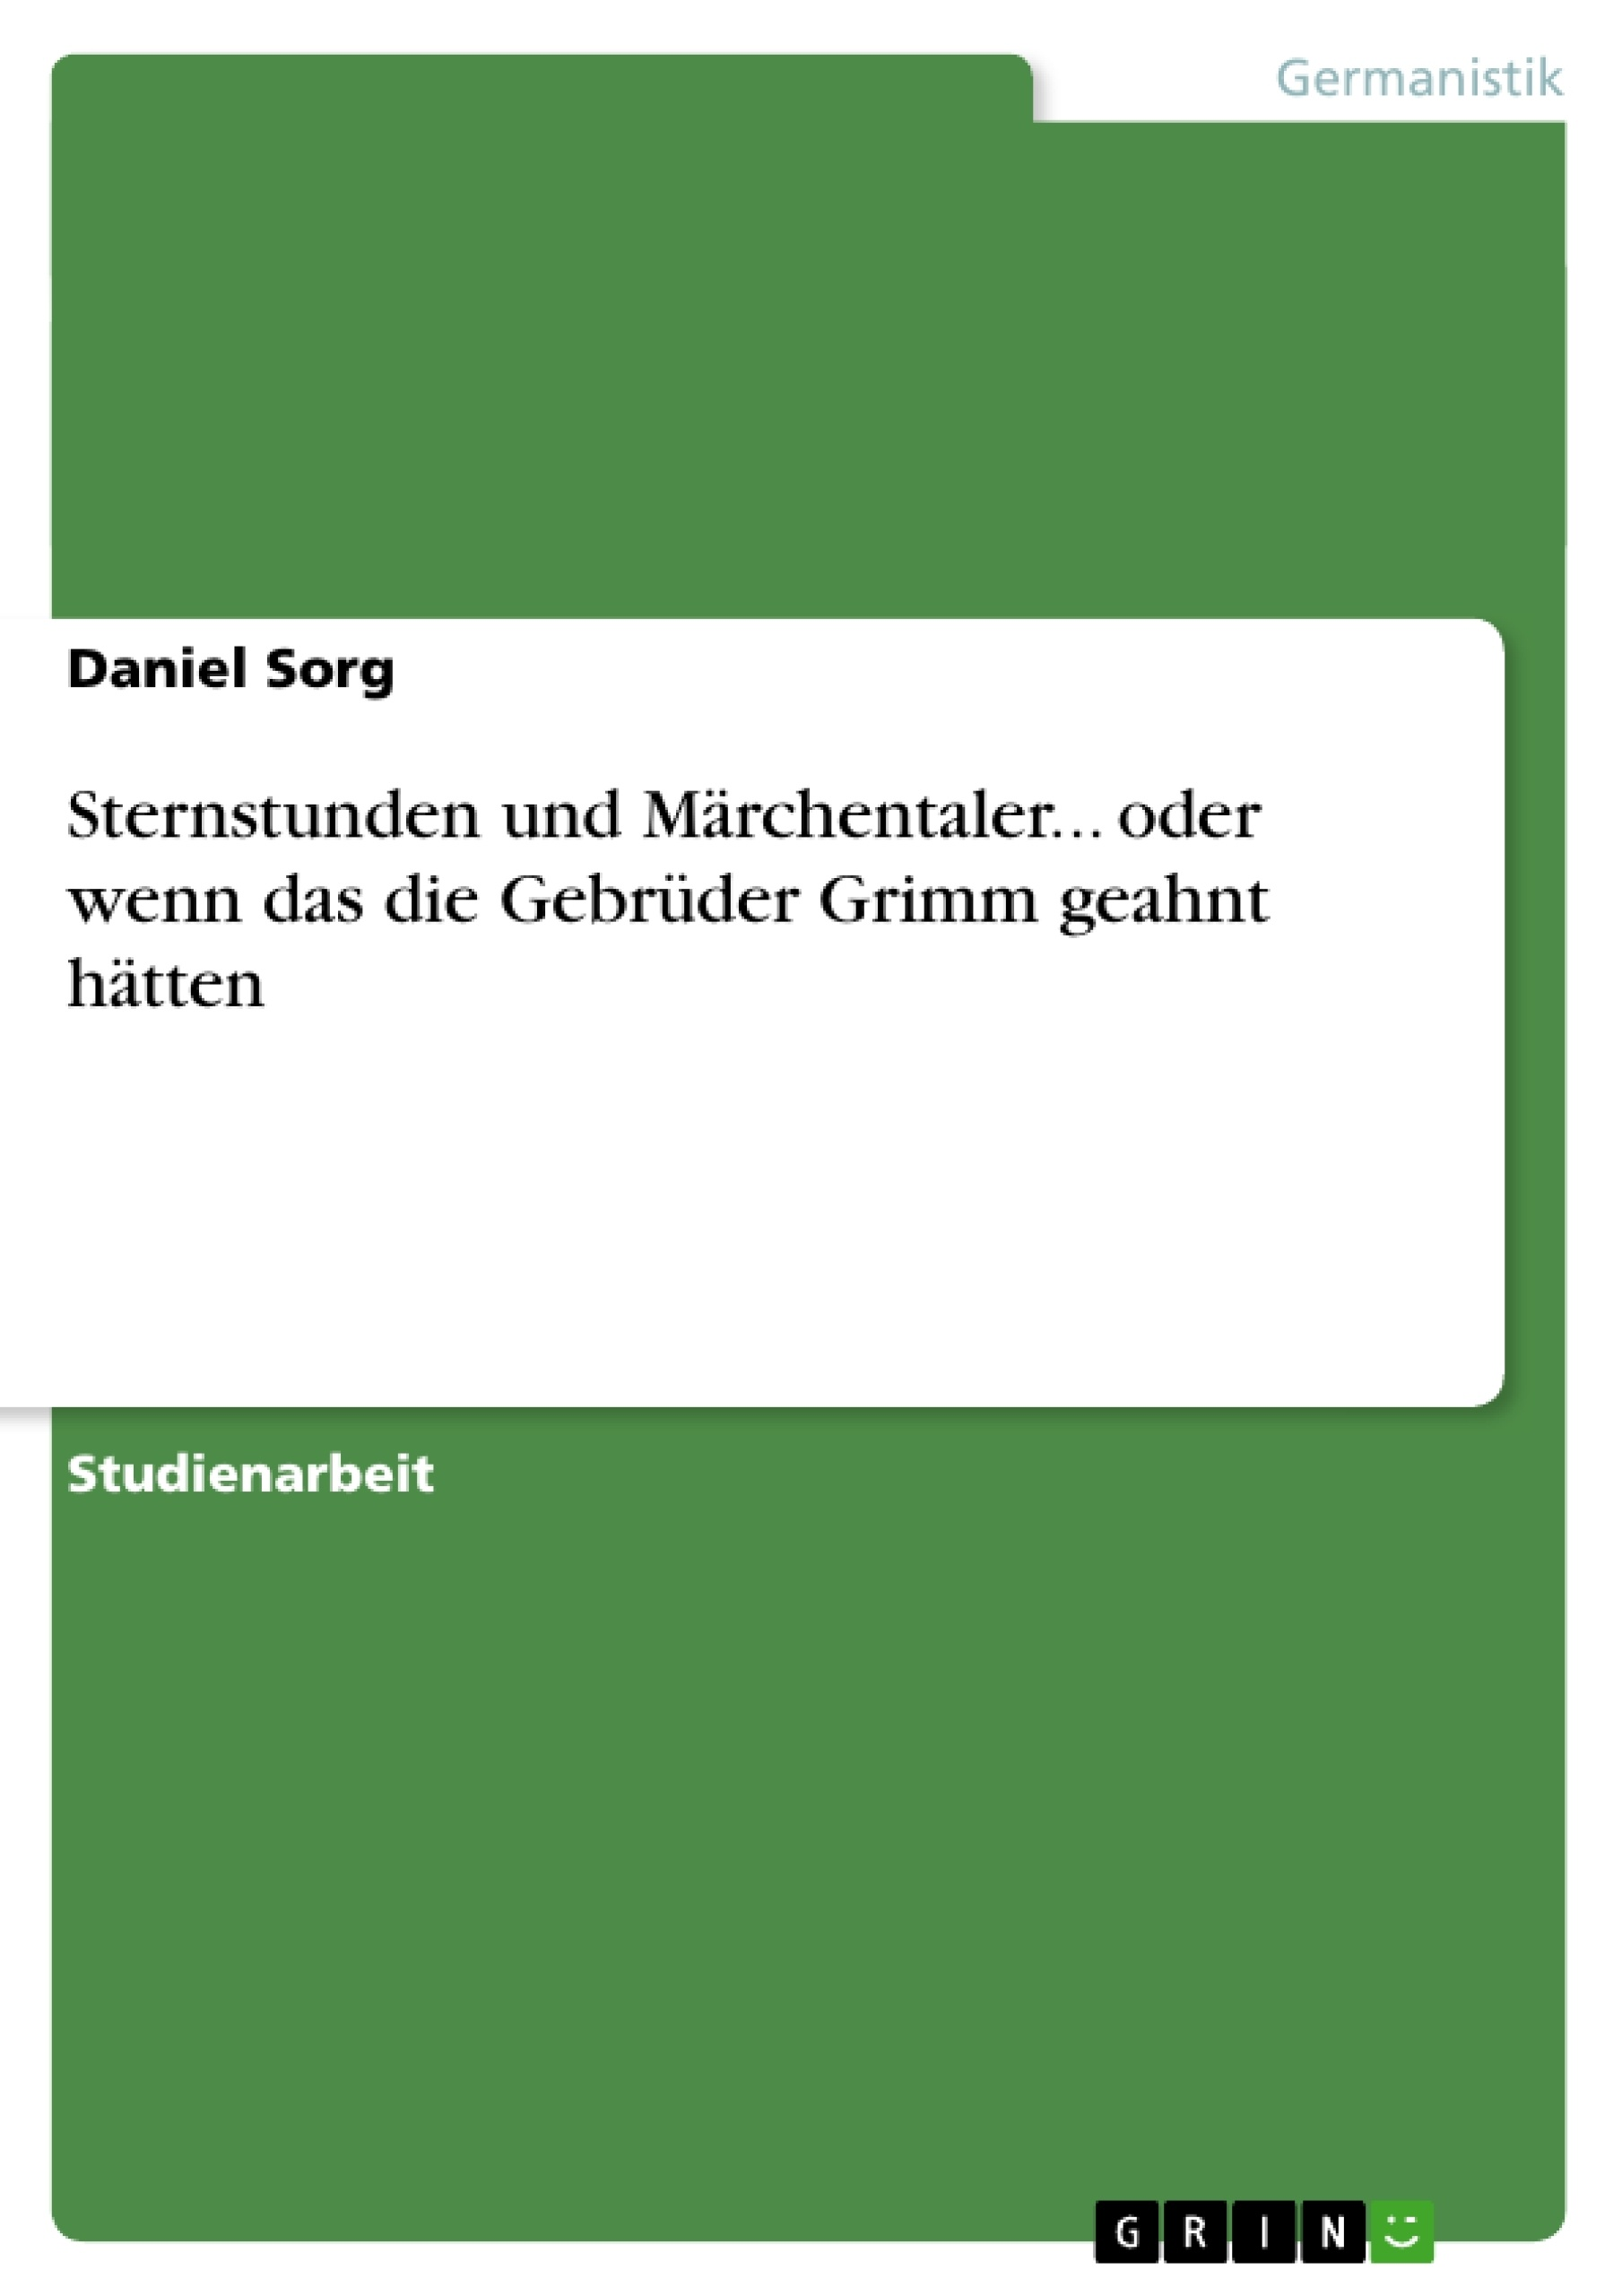 Titel: Sternstunden und Märchentaler... oder wenn das die Gebrüder Grimm geahnt hätten